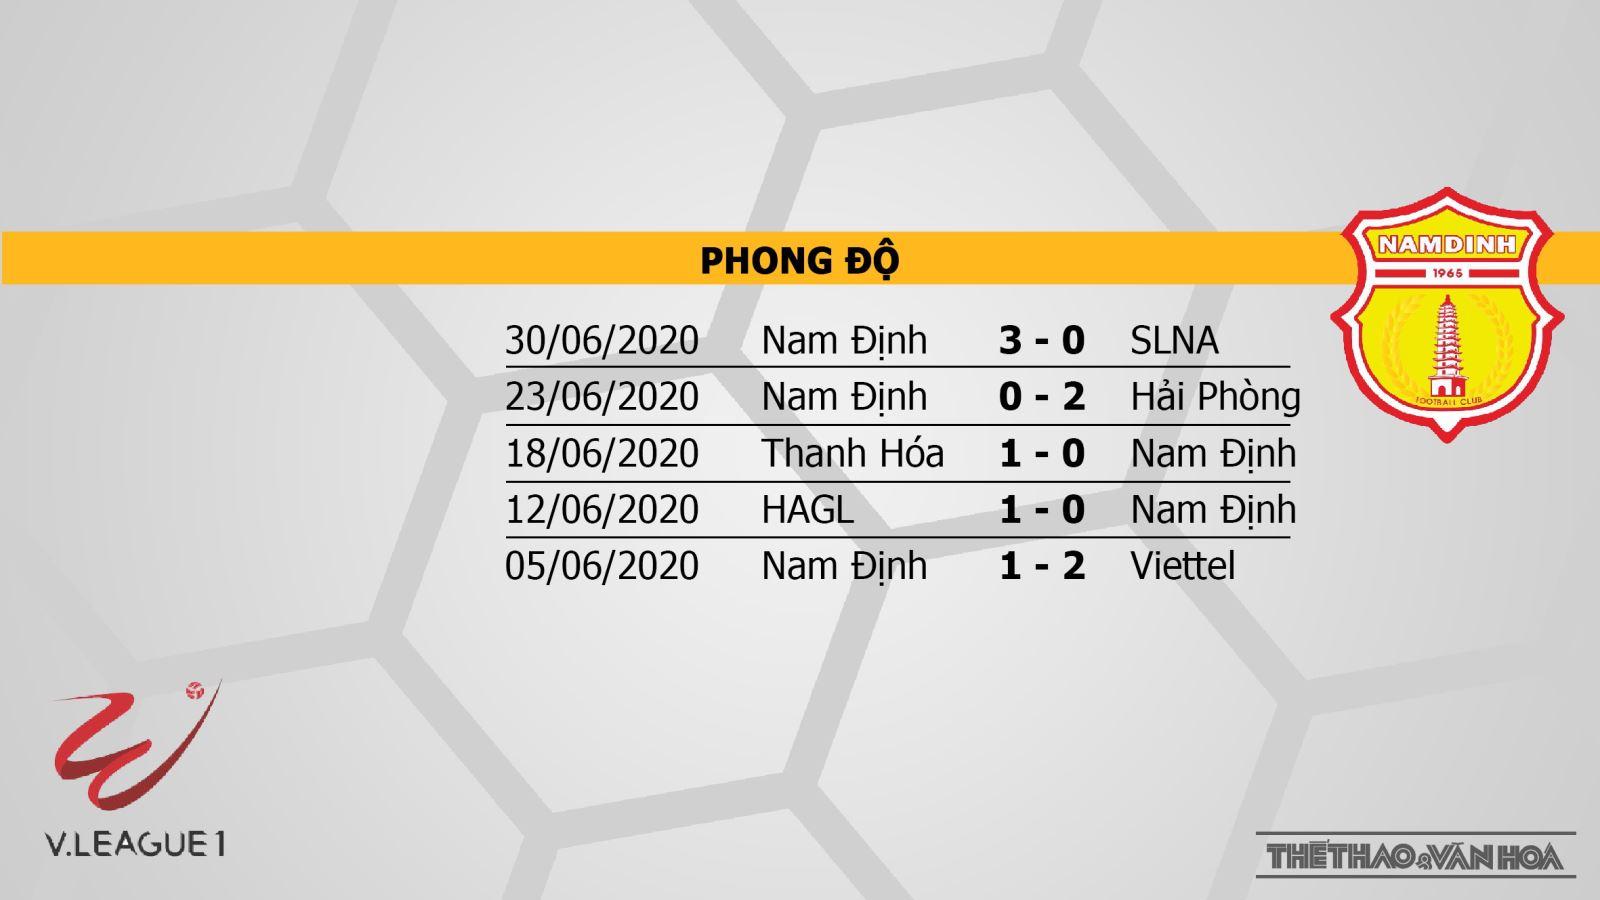 Keo nha cai, kèo nhà cái, Than Quảng Ninh vsNam Định, BĐTV, Trực tiếp bóng đá V-League 2020, trực tiếp bóng đá Việt Nam, trực tiếp Quảng Ninh đấu vớiNam Định